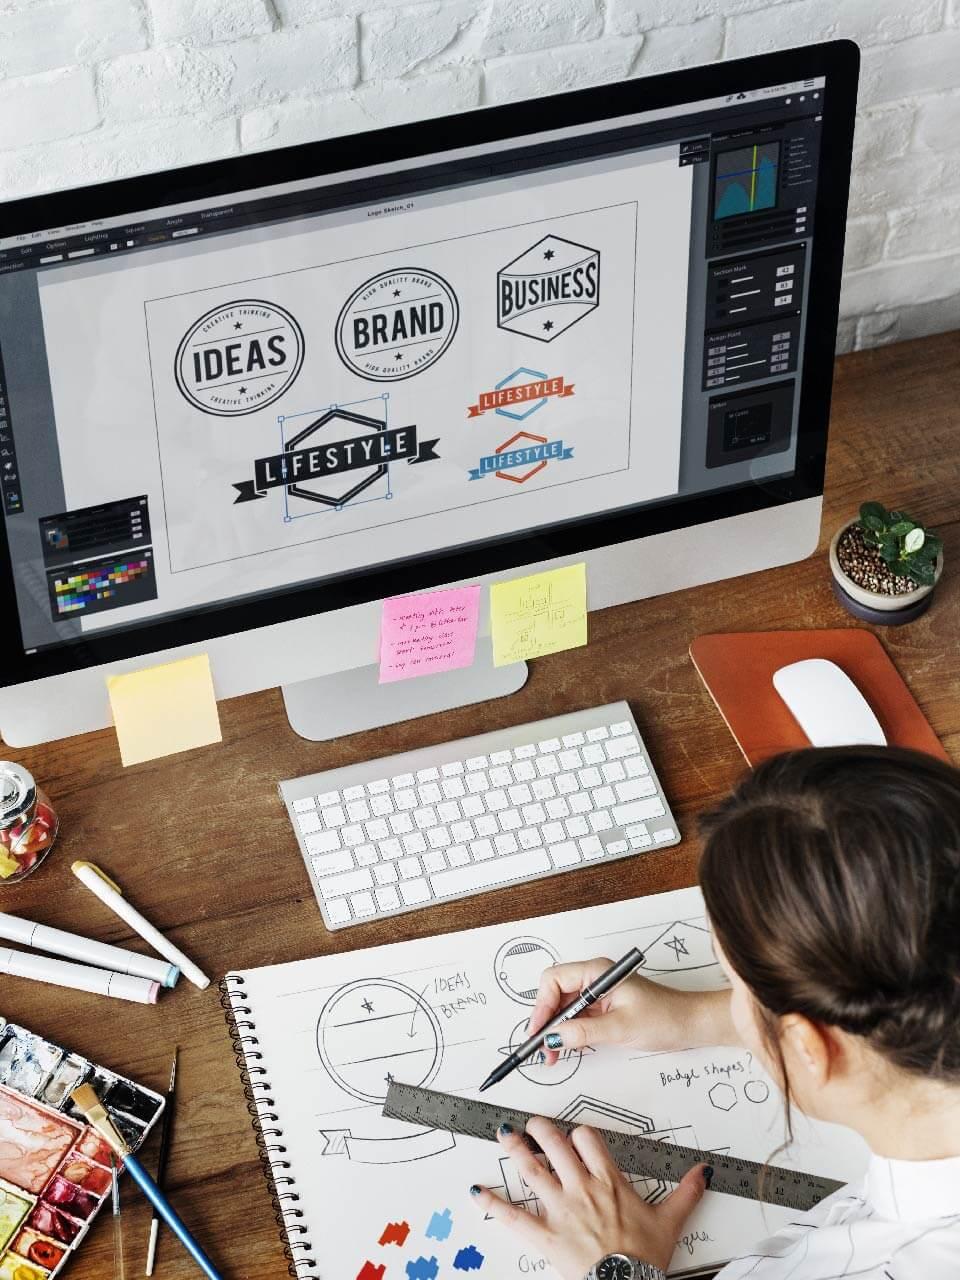 İhtiyacınıza özel Logo, video ve materyal ekleme özelliği